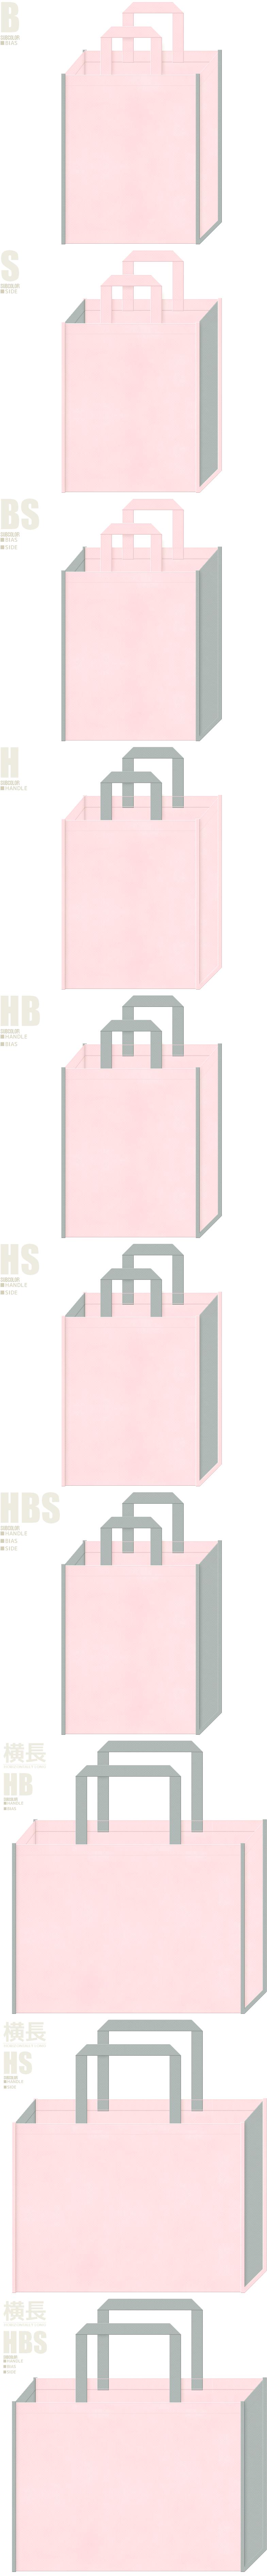 アクセサリー・スター・事務服・制服・ガーリーデザインにお奨めの不織布バッグデザイン:桜色とグレー色の配色7パターン。